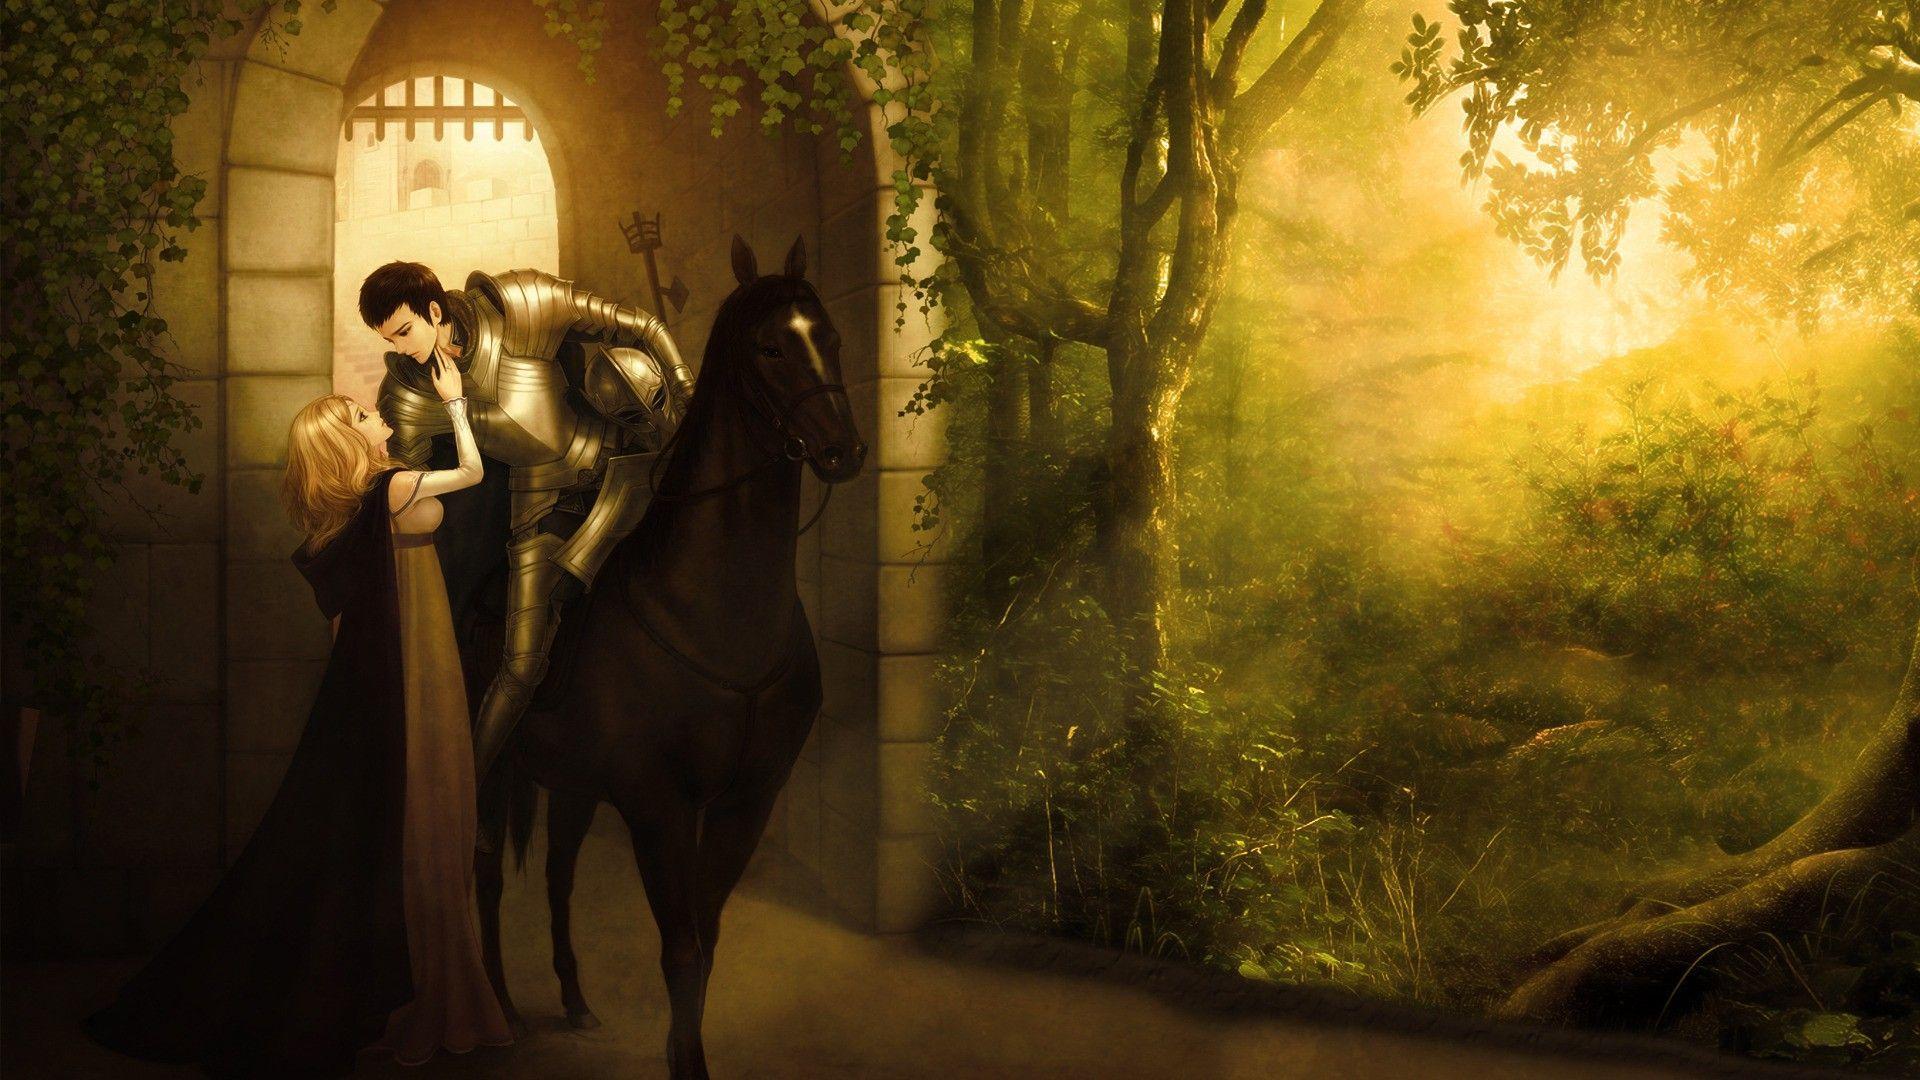 1920x1080 rừng, Hiệp sĩ, công chúa, Ánh sáng mặt trời, Người yêu, Anime, Thời Trung cổ, cưỡi ngựa, Hình nền vòm